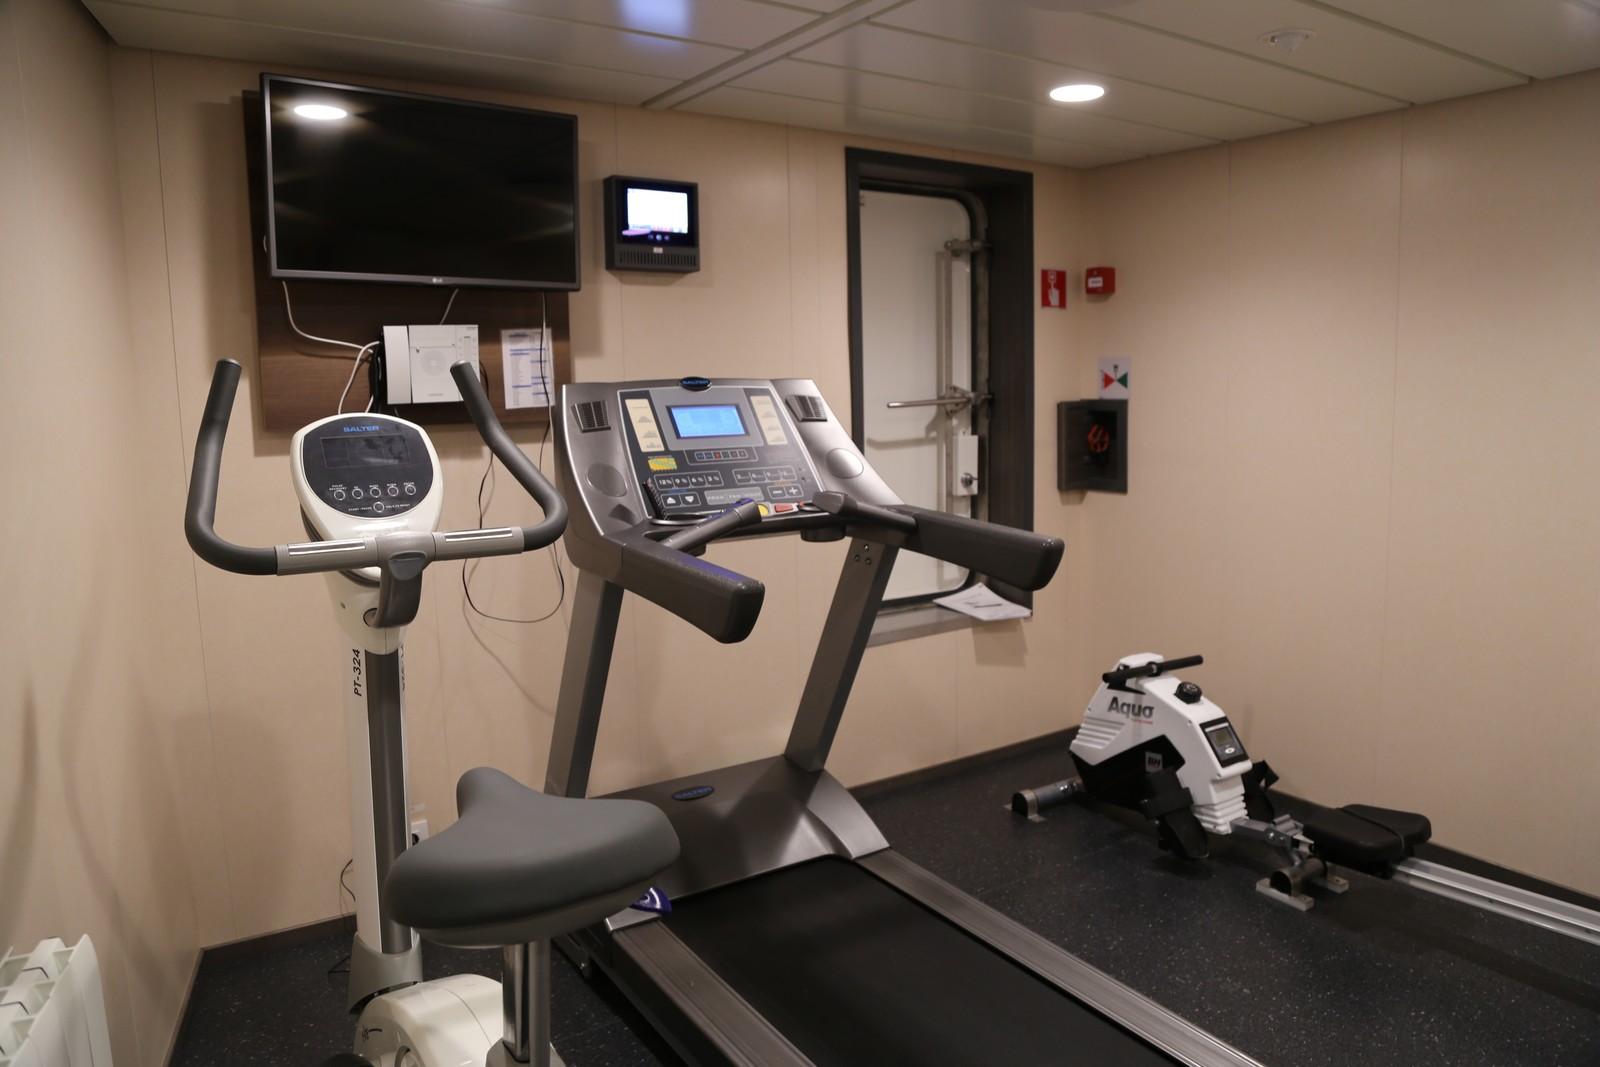 Med lang avstand til nærmeste treningssenter, kan det være greit å få løpt litt om bord på tråleren. Her er et bilde fra treningsrommet til mannskapet.